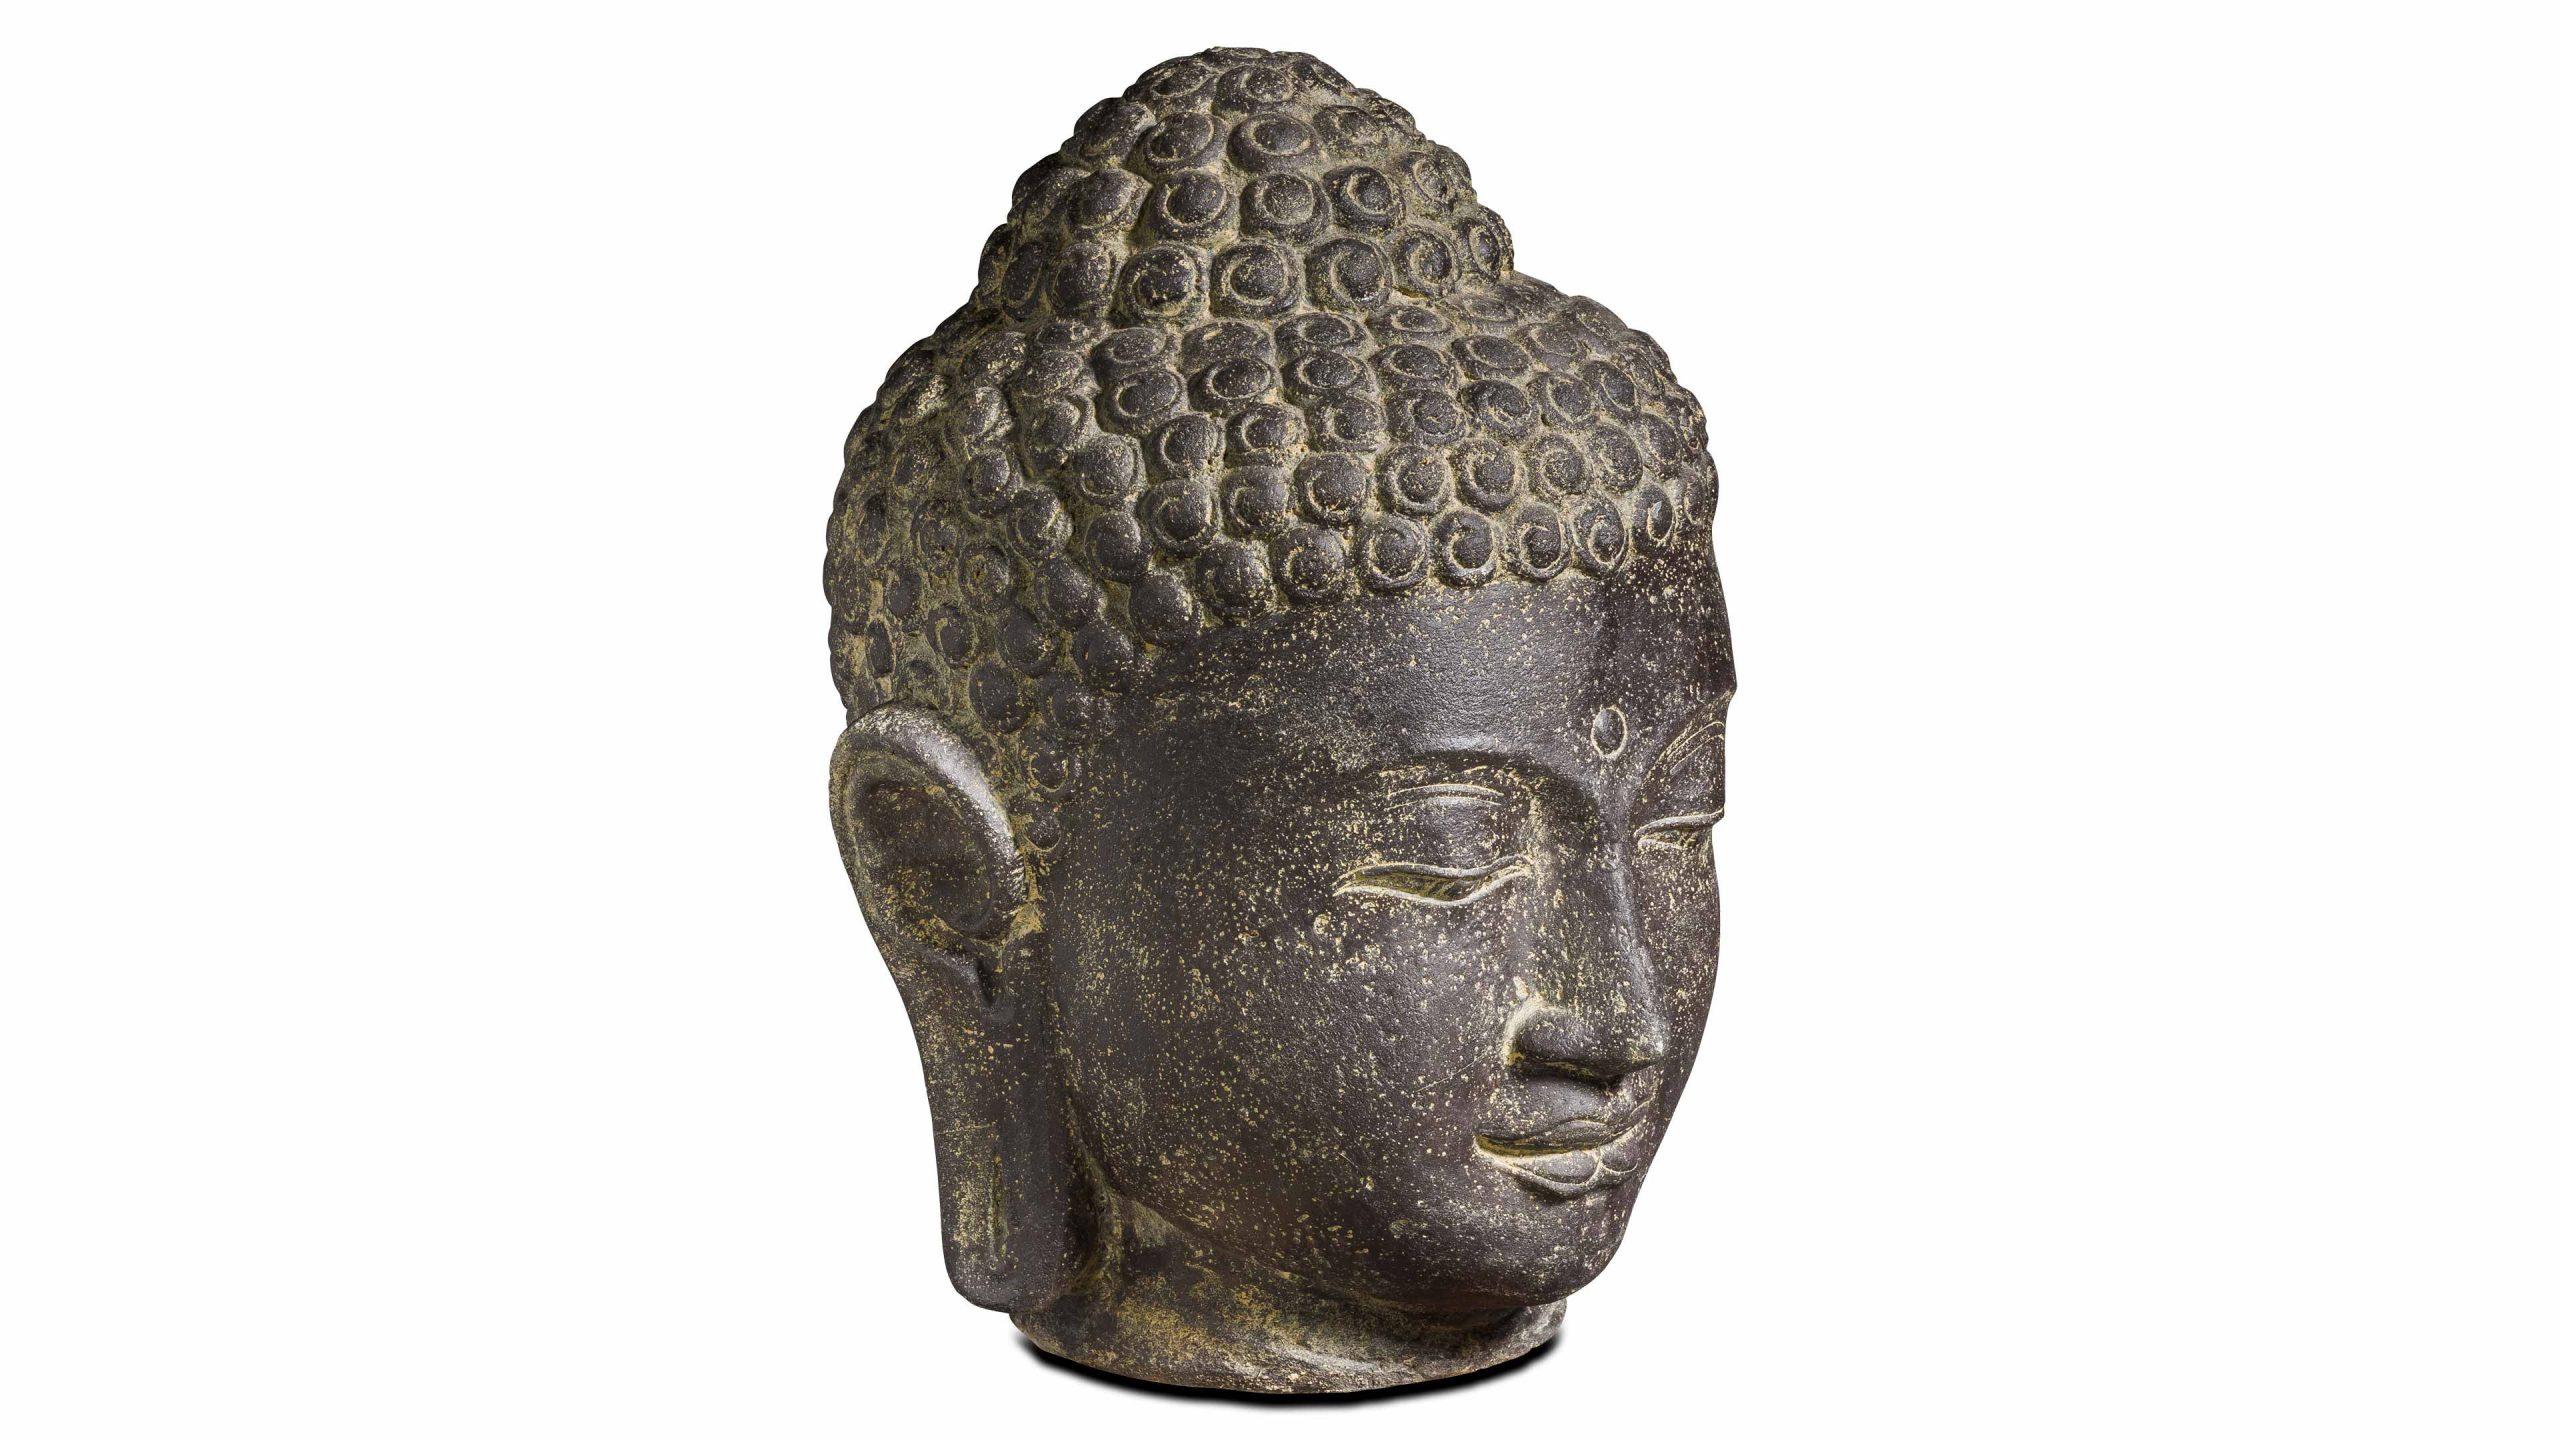 Statue De Jardin Tête De Bouddha En Pierre 60Cm | Oviala avec Tete De Bouddha Pour Jardin